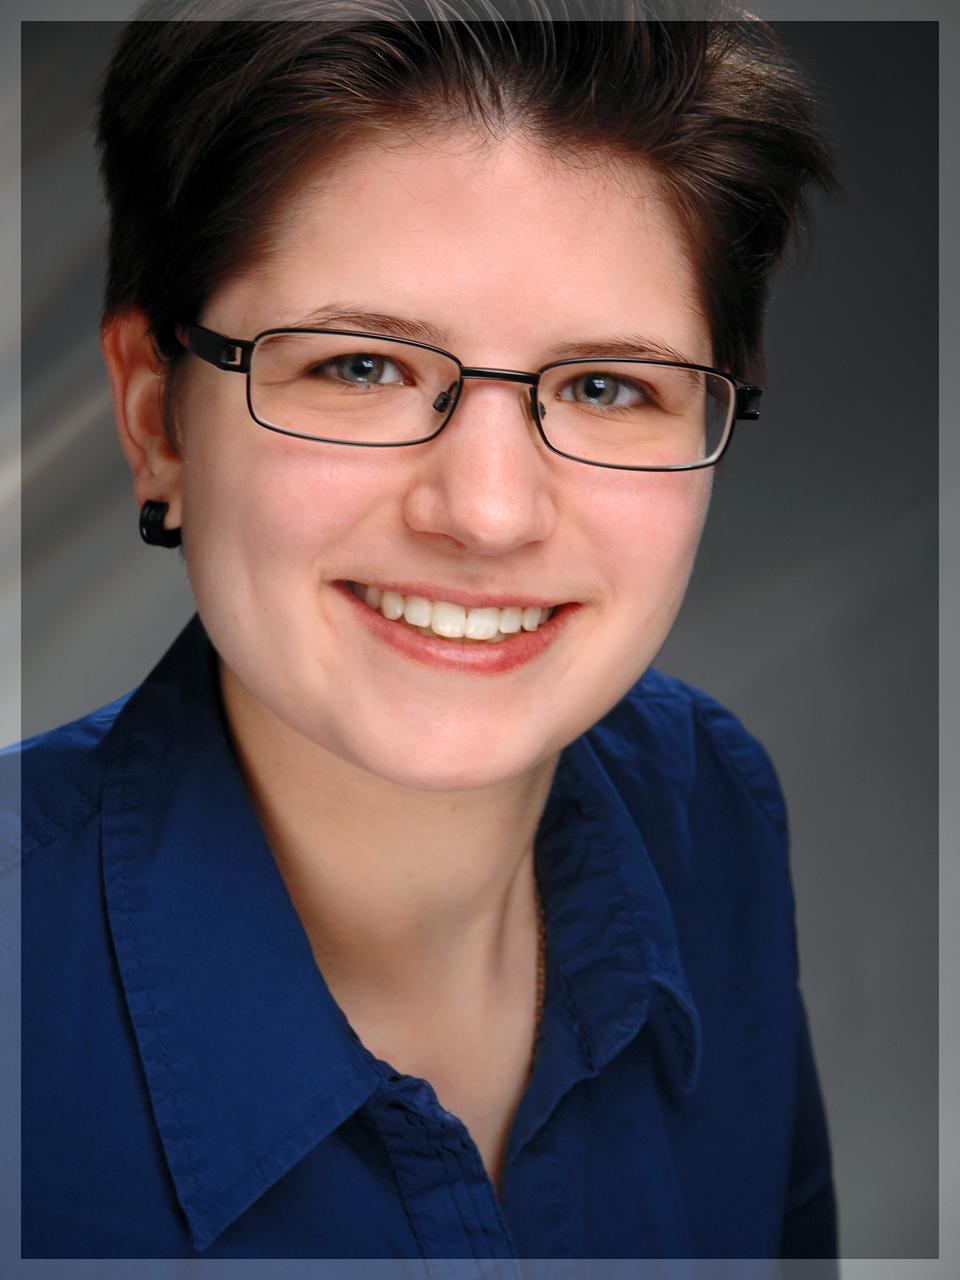 Chiara Haurand